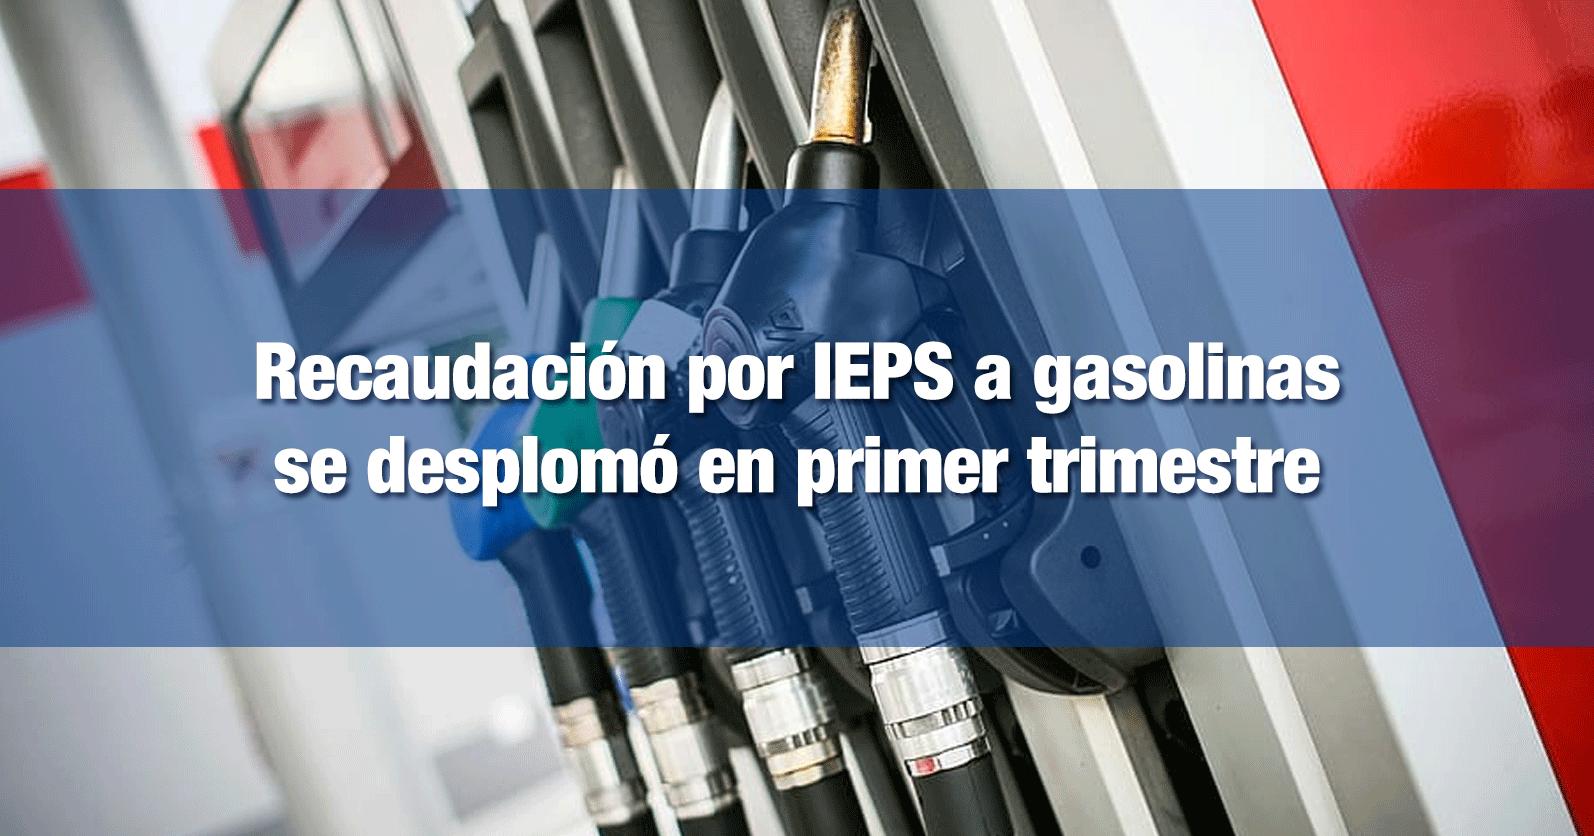 Recaudación por IEPS a gasolinas se desplomó en primer trimestre